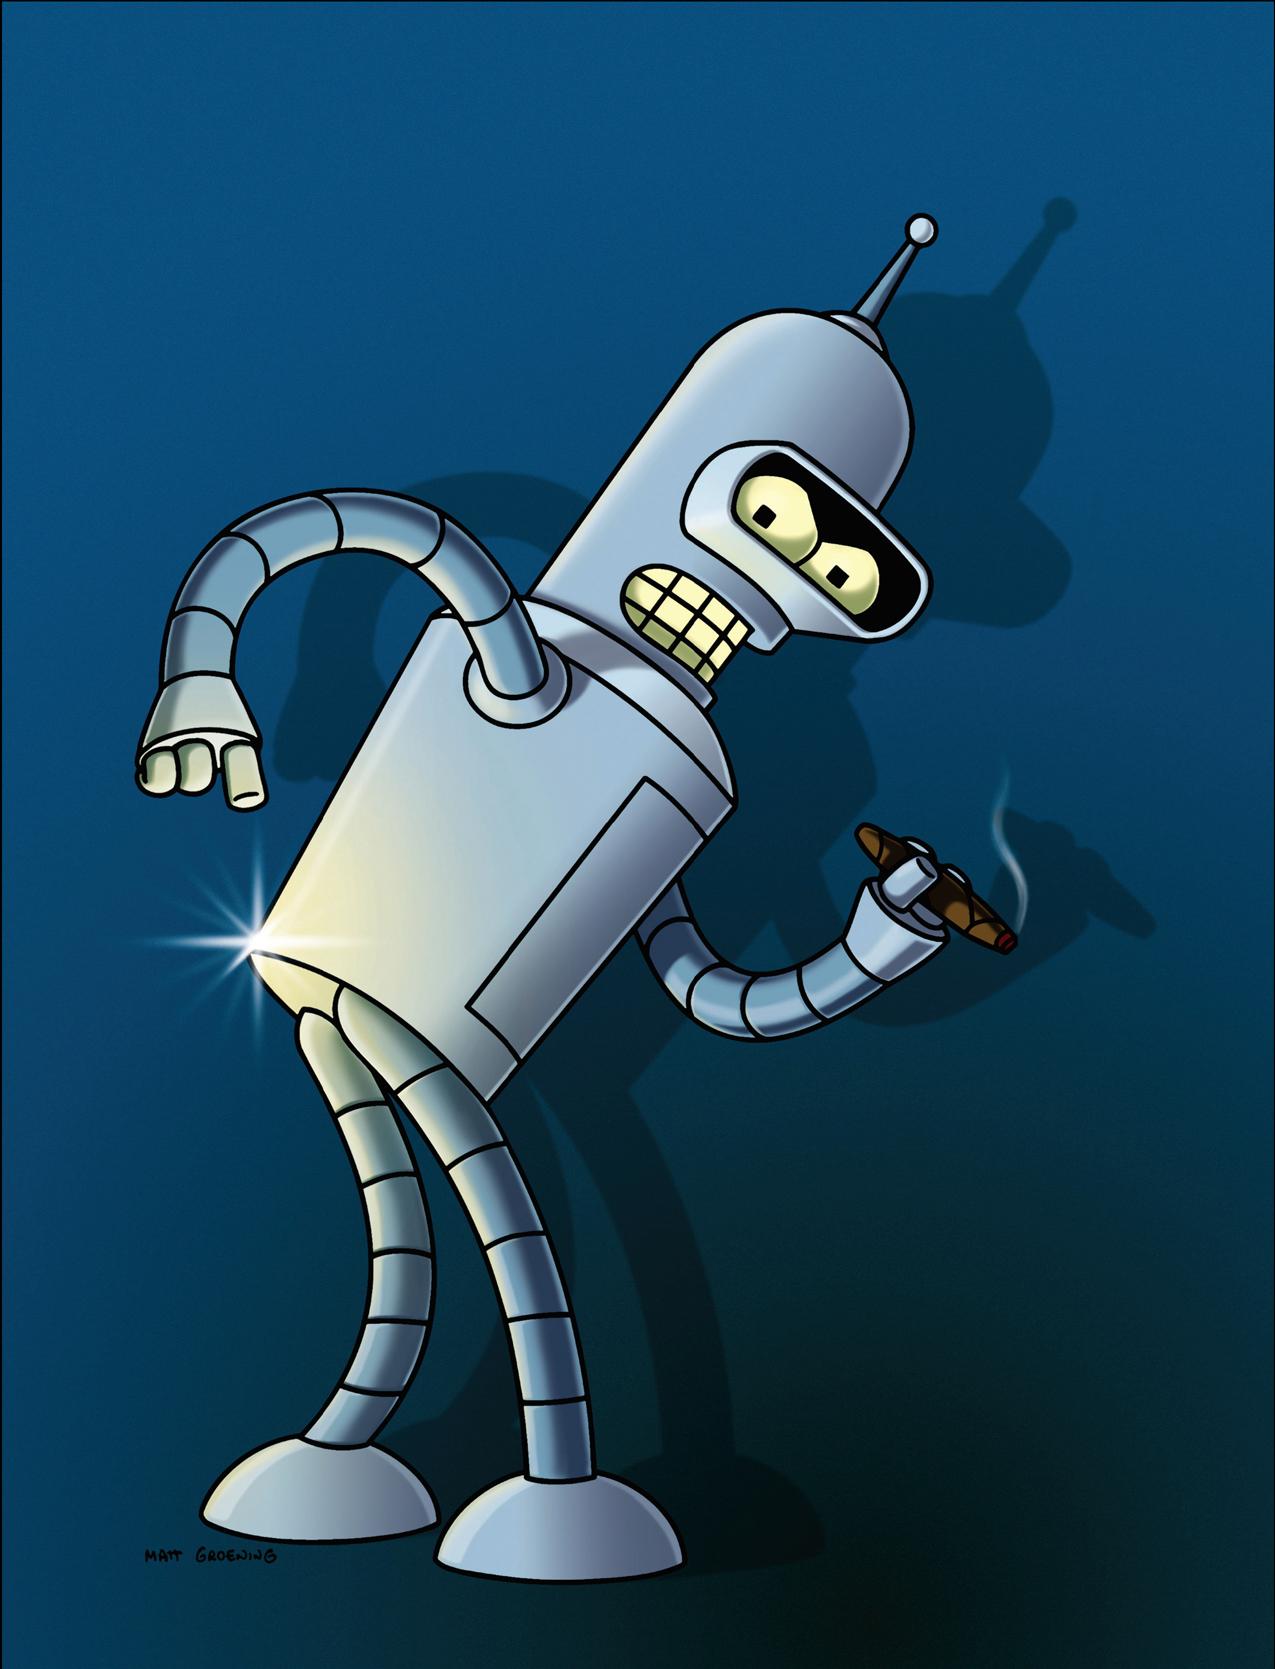 Bender's shiny metal ass